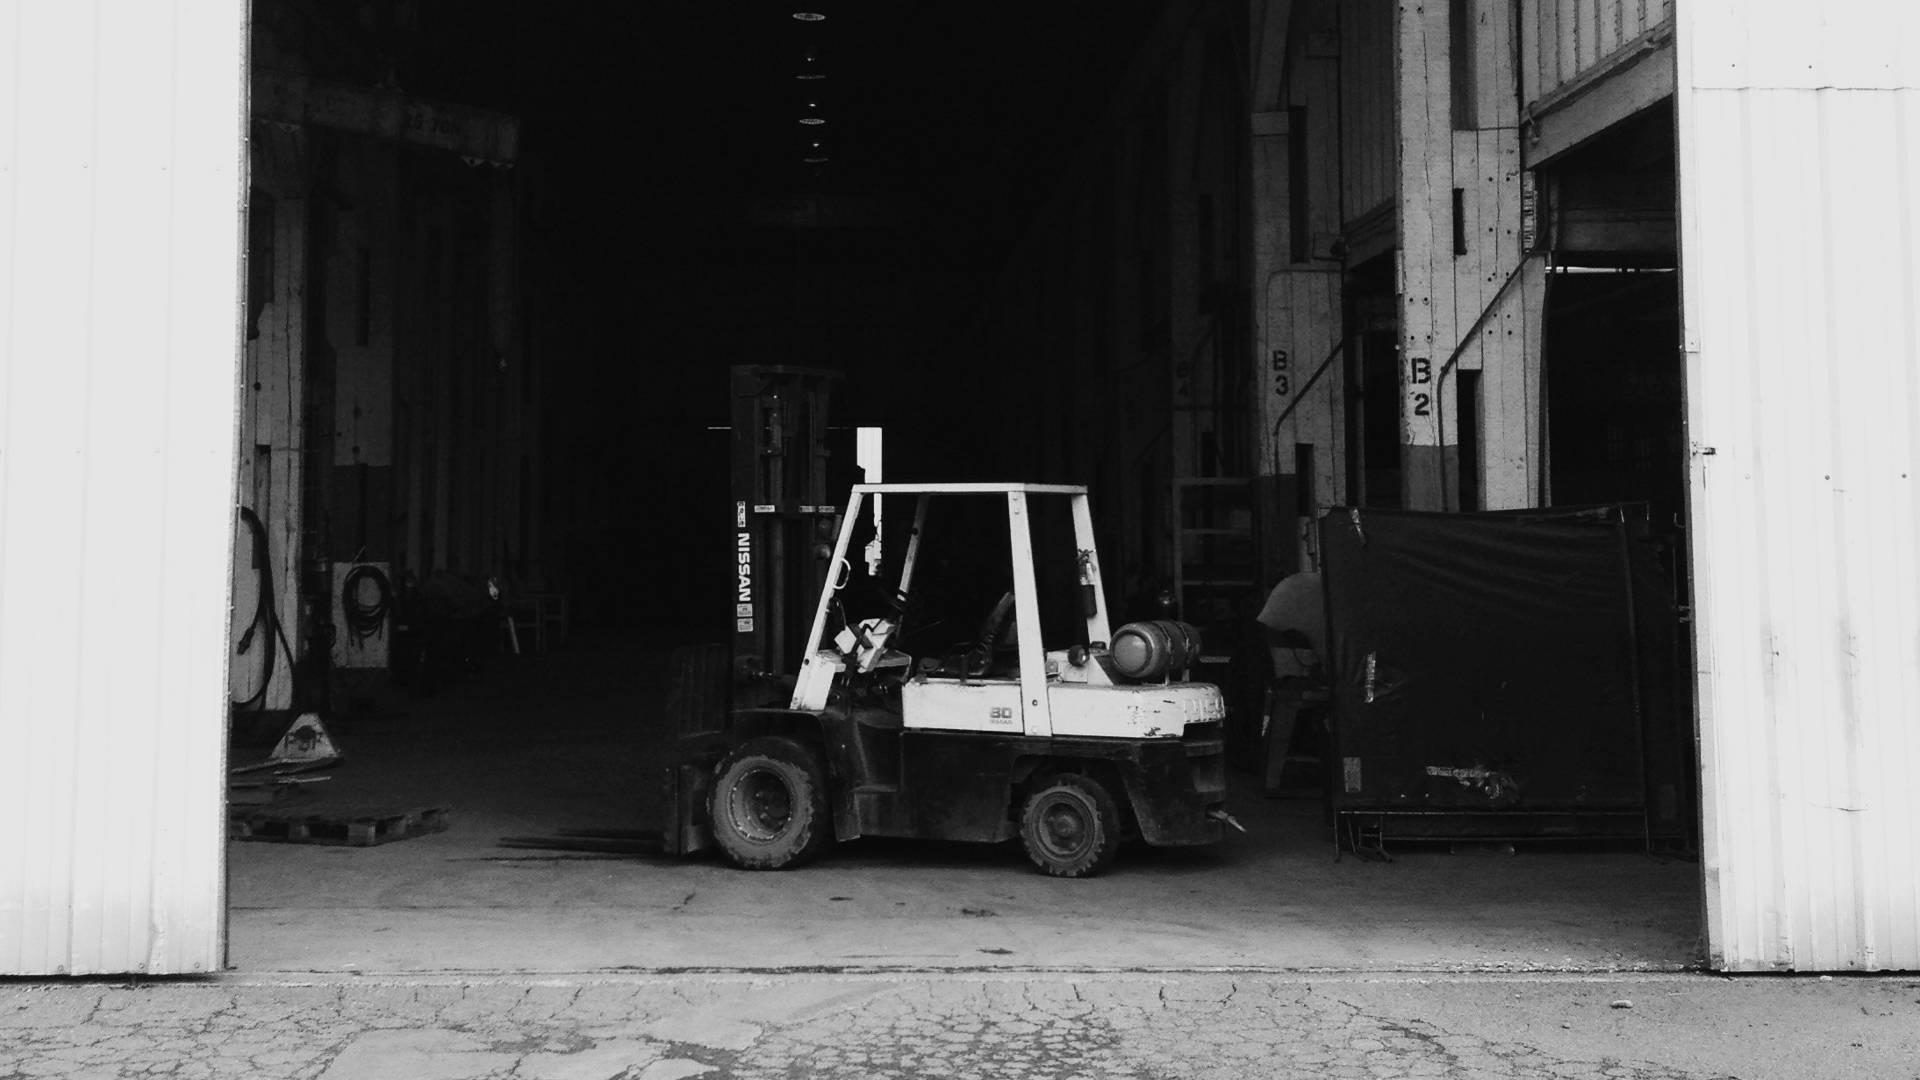 Tapeta Z Wózkiem Jezdniowym W Garażu